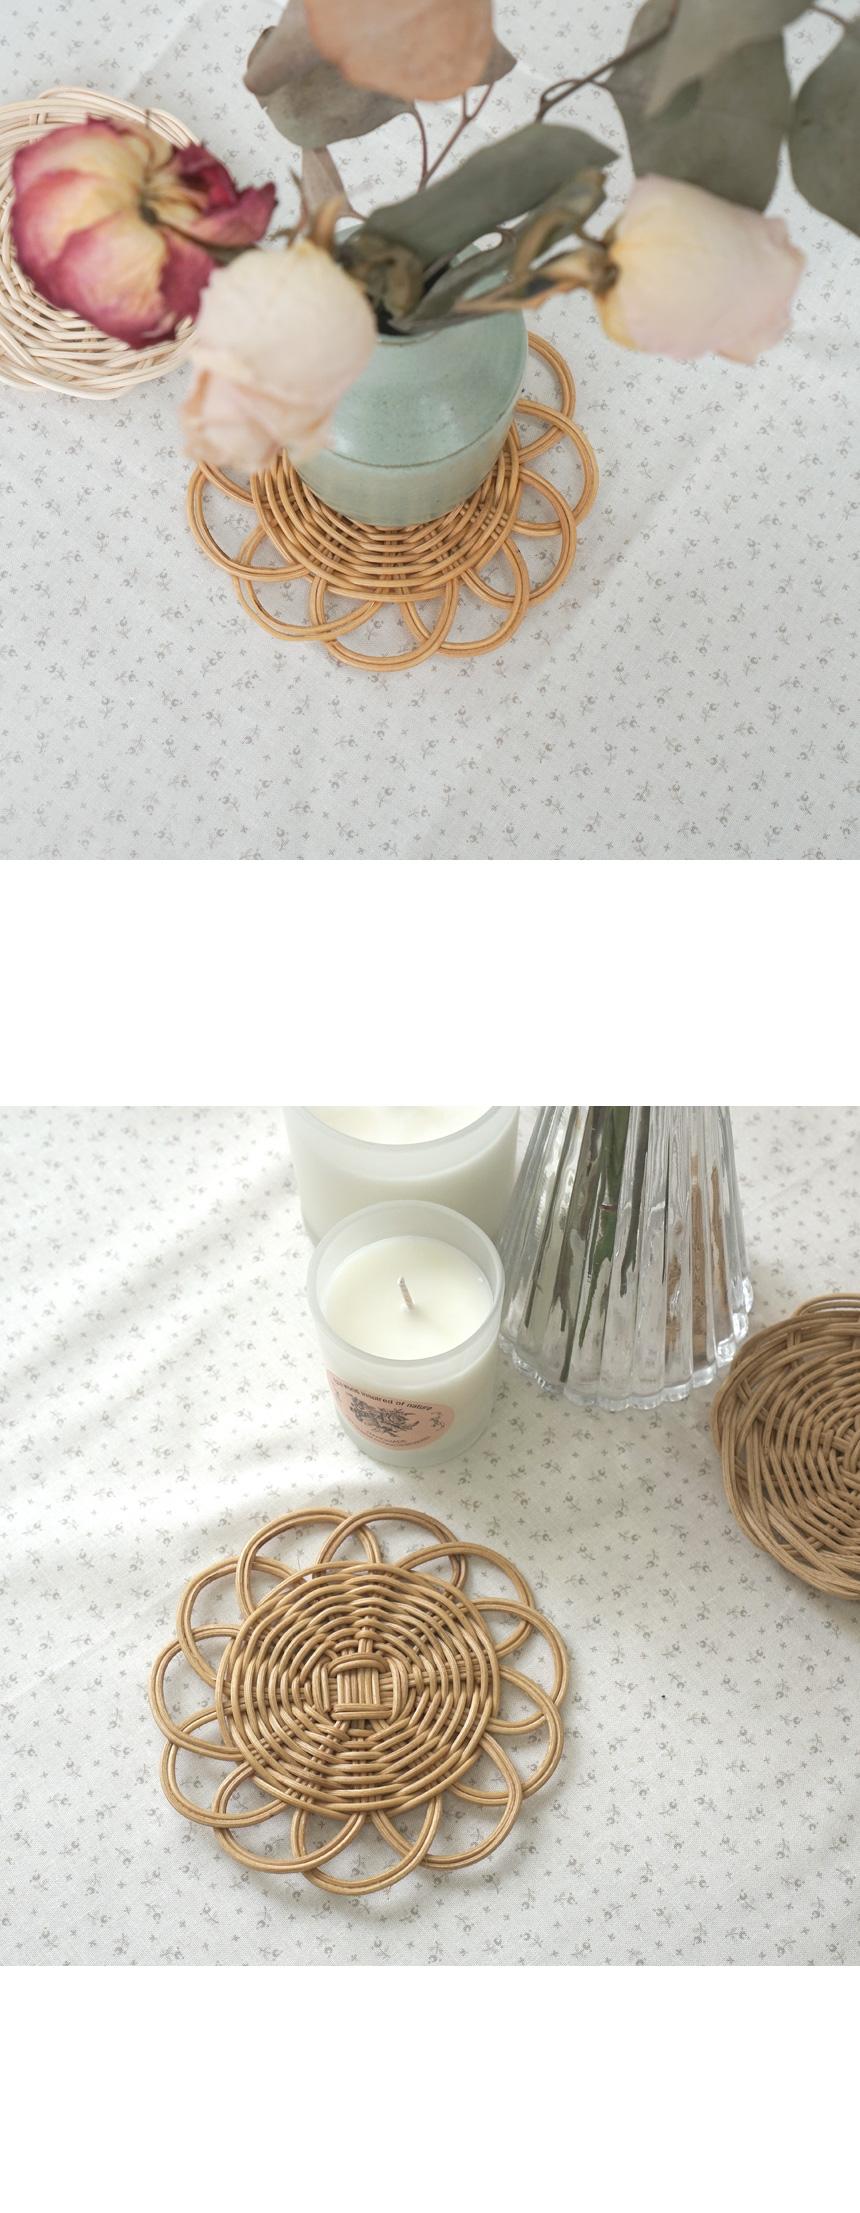 라탄 동영상 강의 DIY KIT-꽃 라탄 컵받침 만들기33,800원-슬로우모먼츠키덜트/취미, 핸드메이드/DIY, 뜨개질, 소품 패키지바보사랑라탄 동영상 강의 DIY KIT-꽃 라탄 컵받침 만들기33,800원-슬로우모먼츠키덜트/취미, 핸드메이드/DIY, 뜨개질, 소품 패키지바보사랑